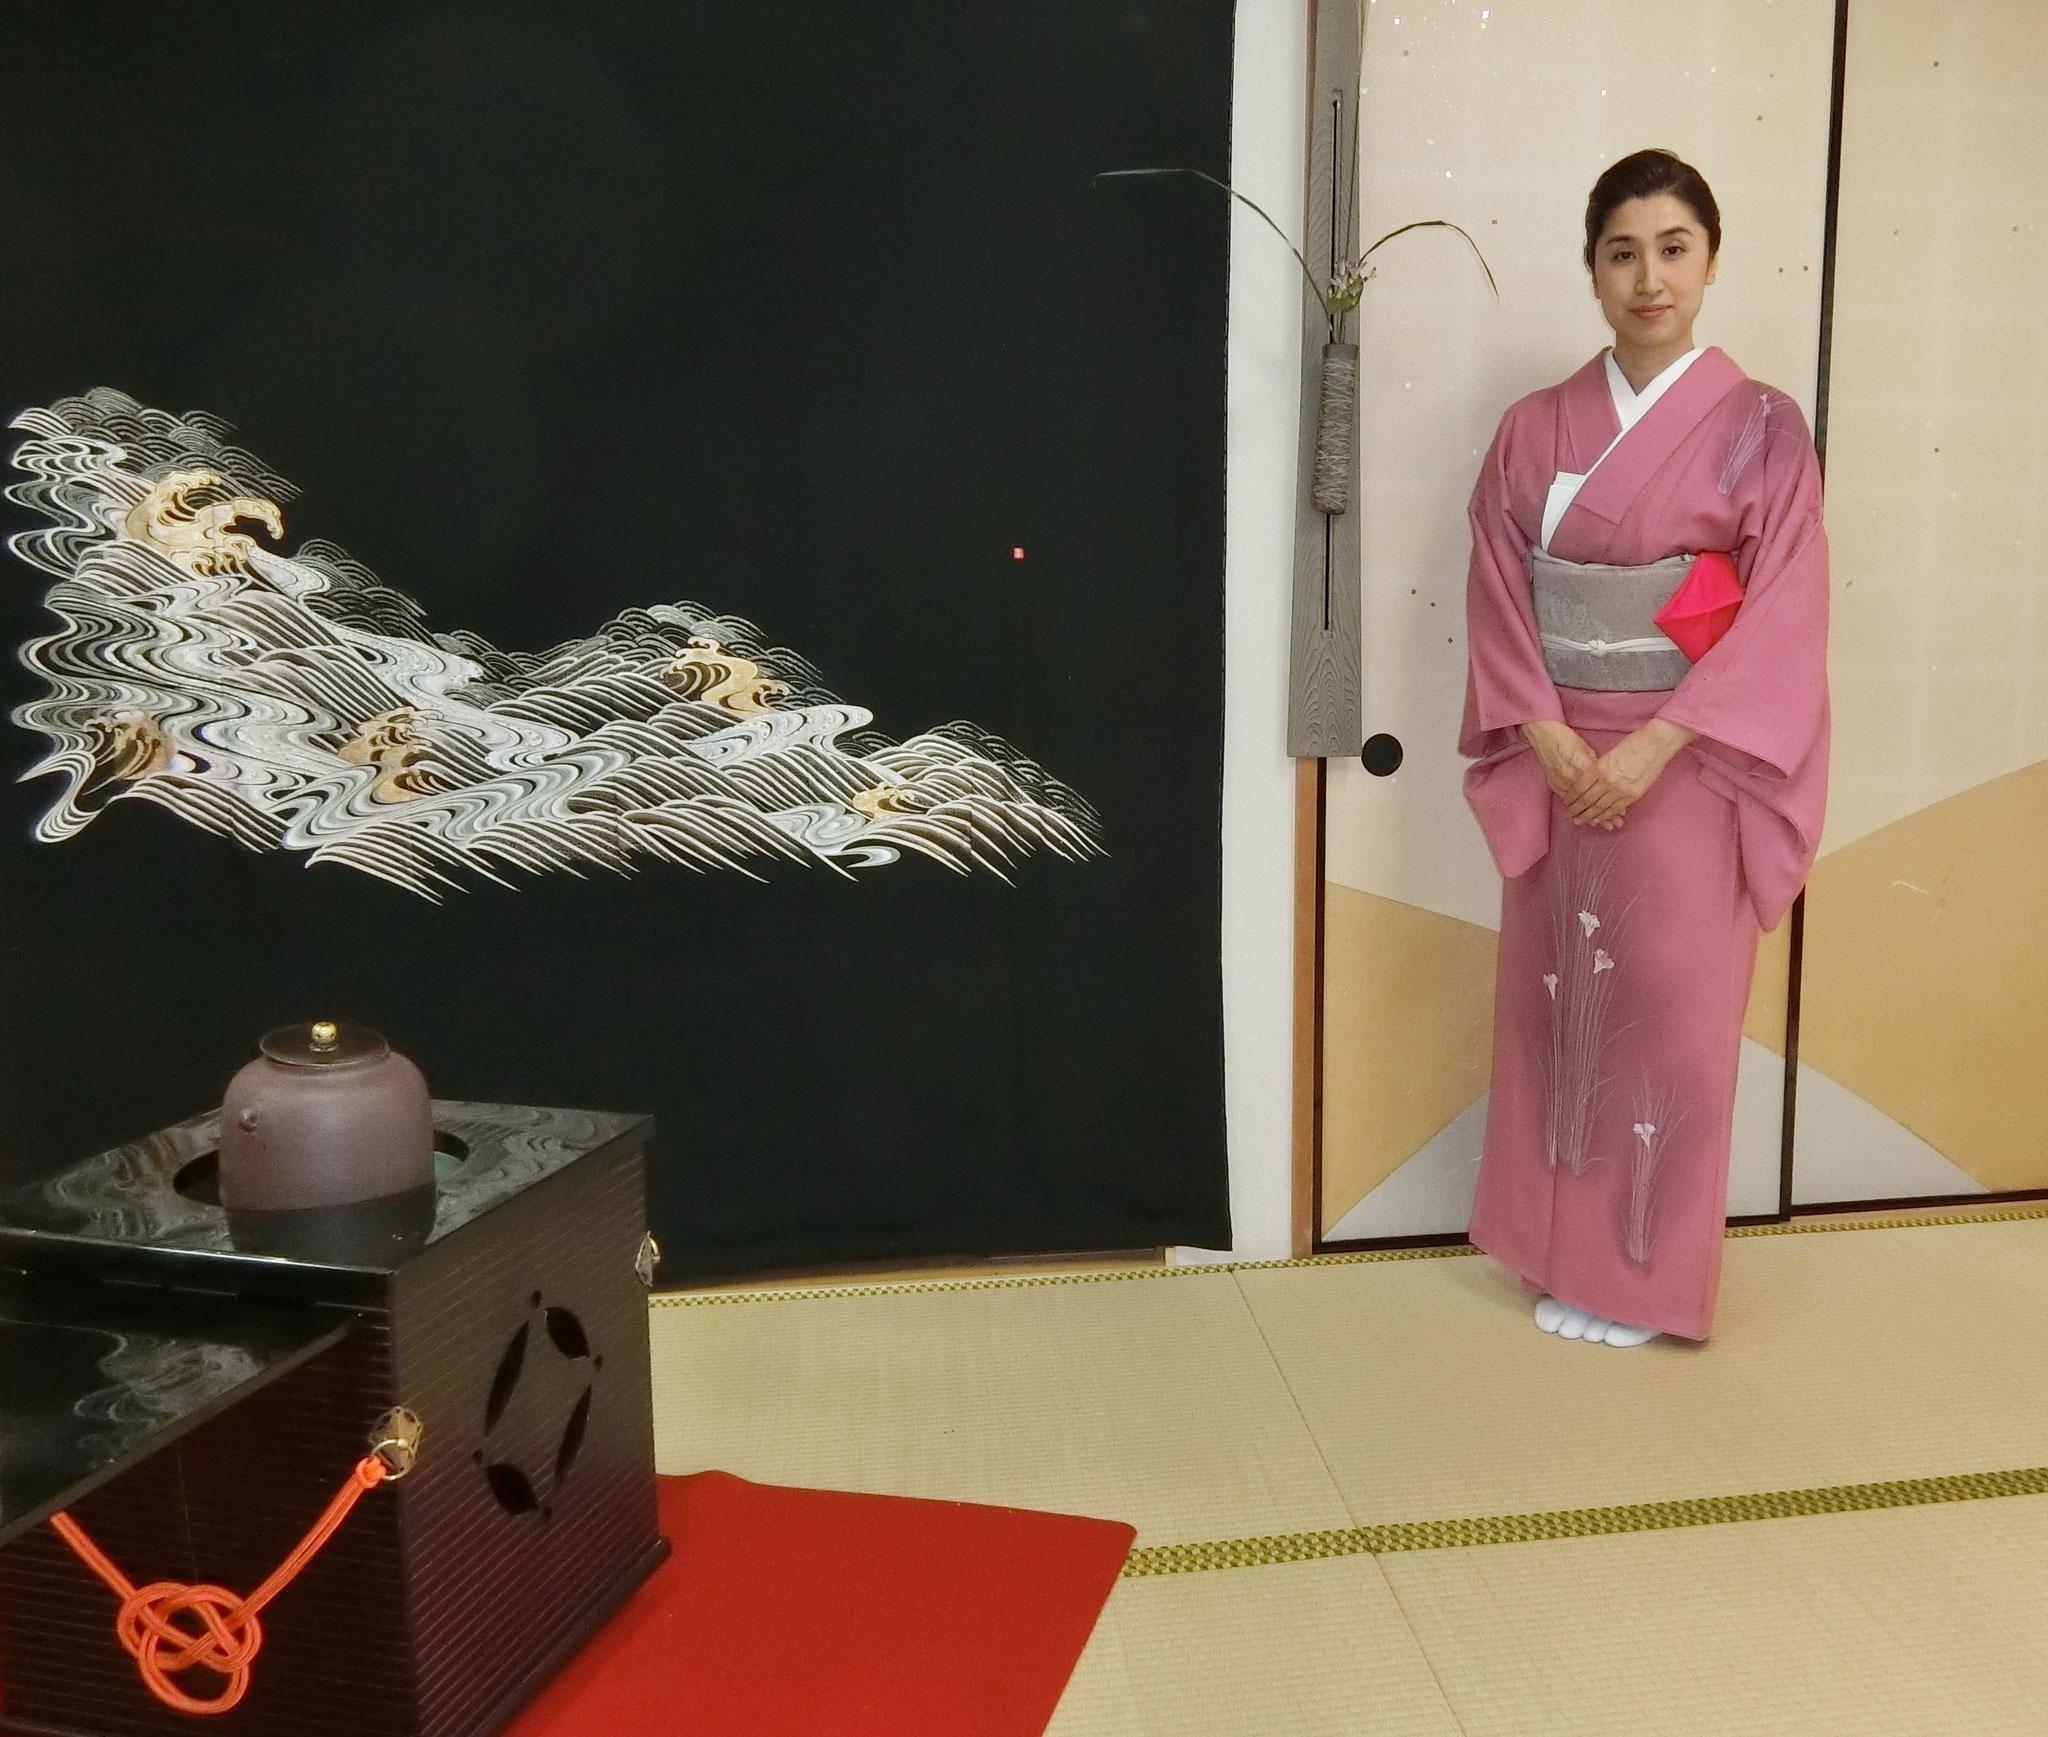 水谷雅由(茶道雅流当代宗家)